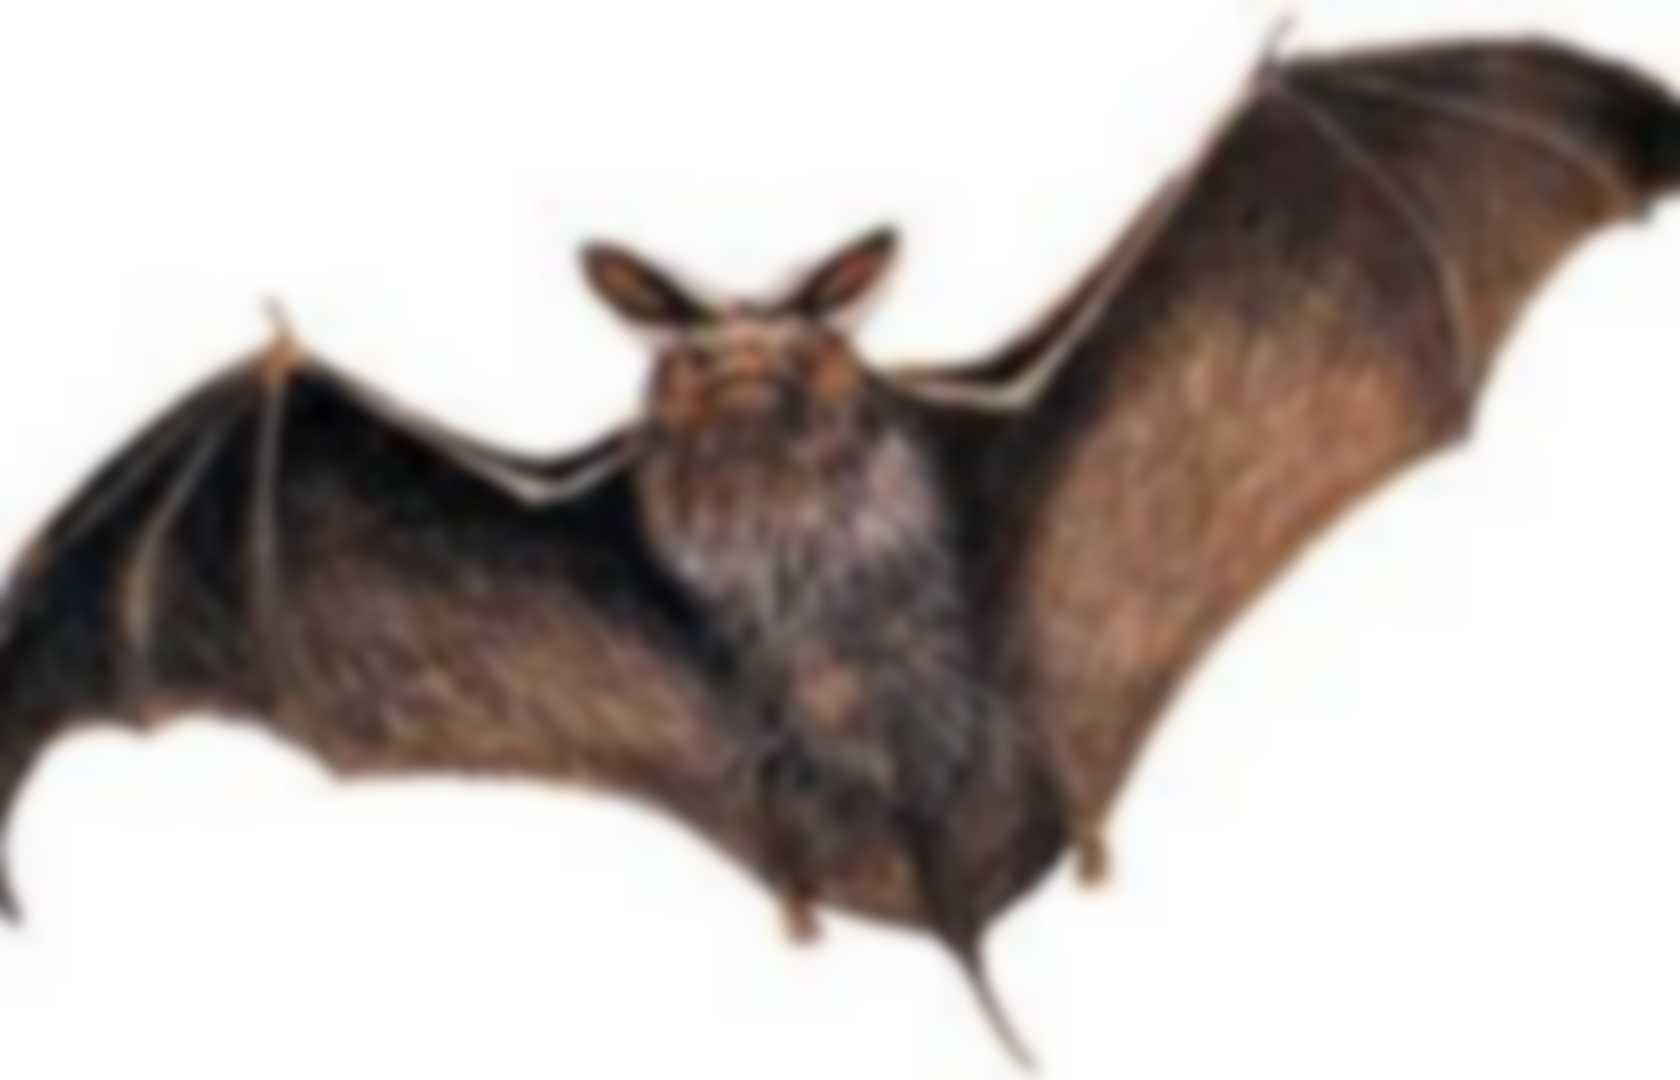 Bat Detectors Pearltrees Detector Schematics To Make A